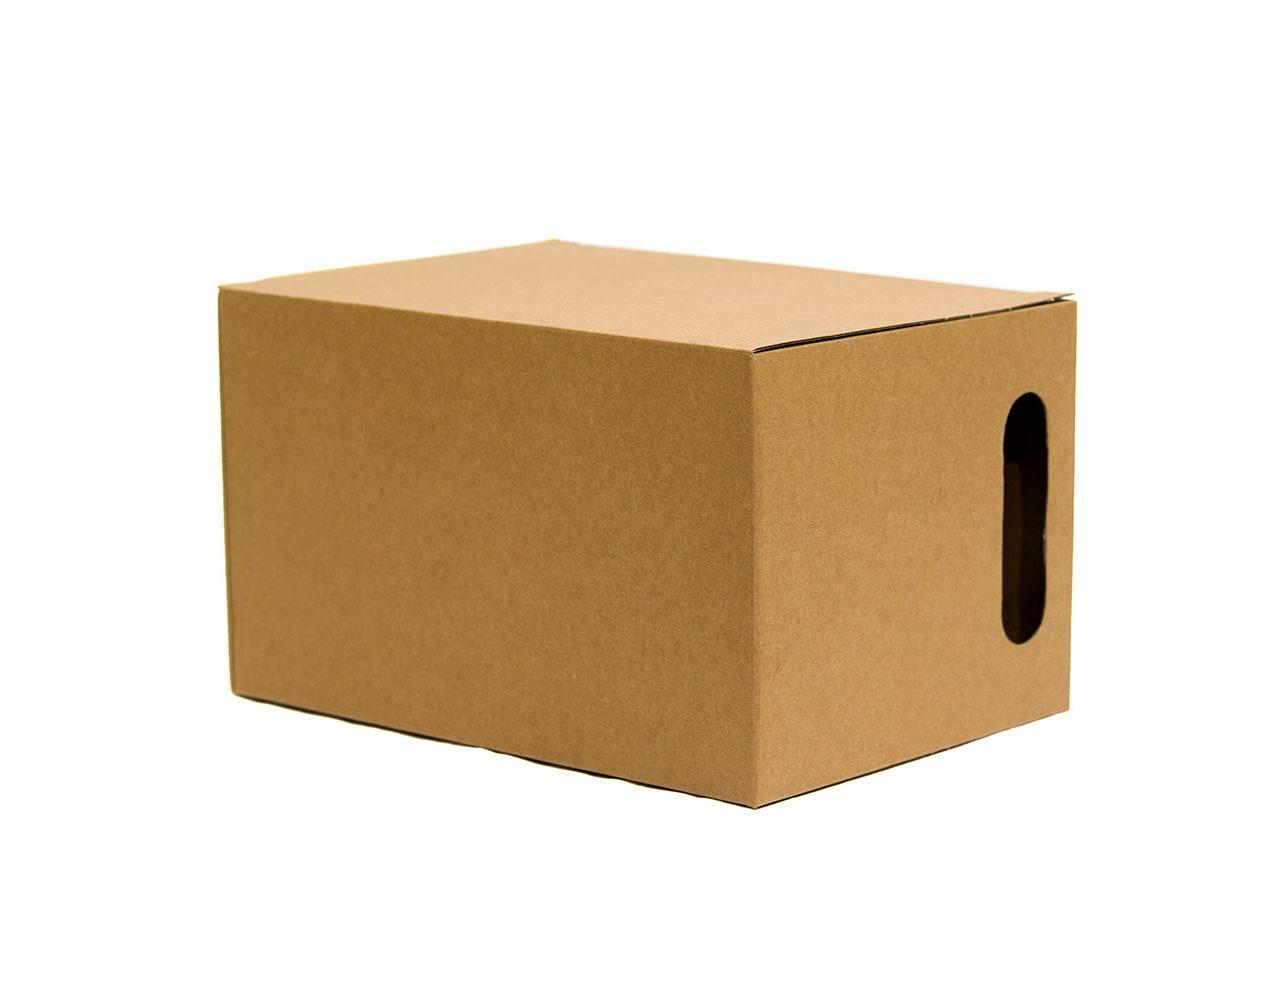 Scatole Abbigliamento Dil Pack Box 27